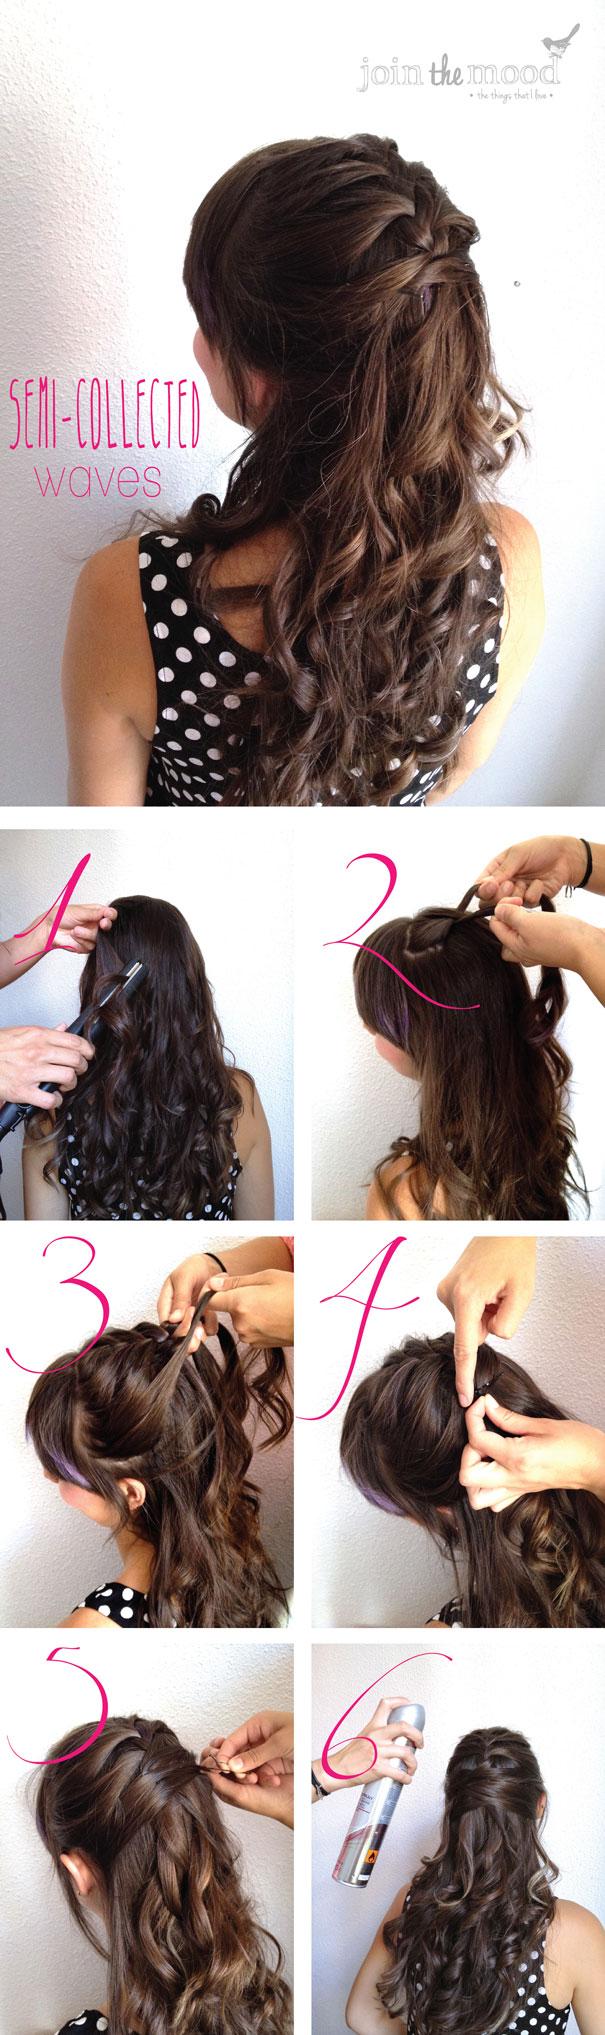 13 half-up half-down hair tutorials